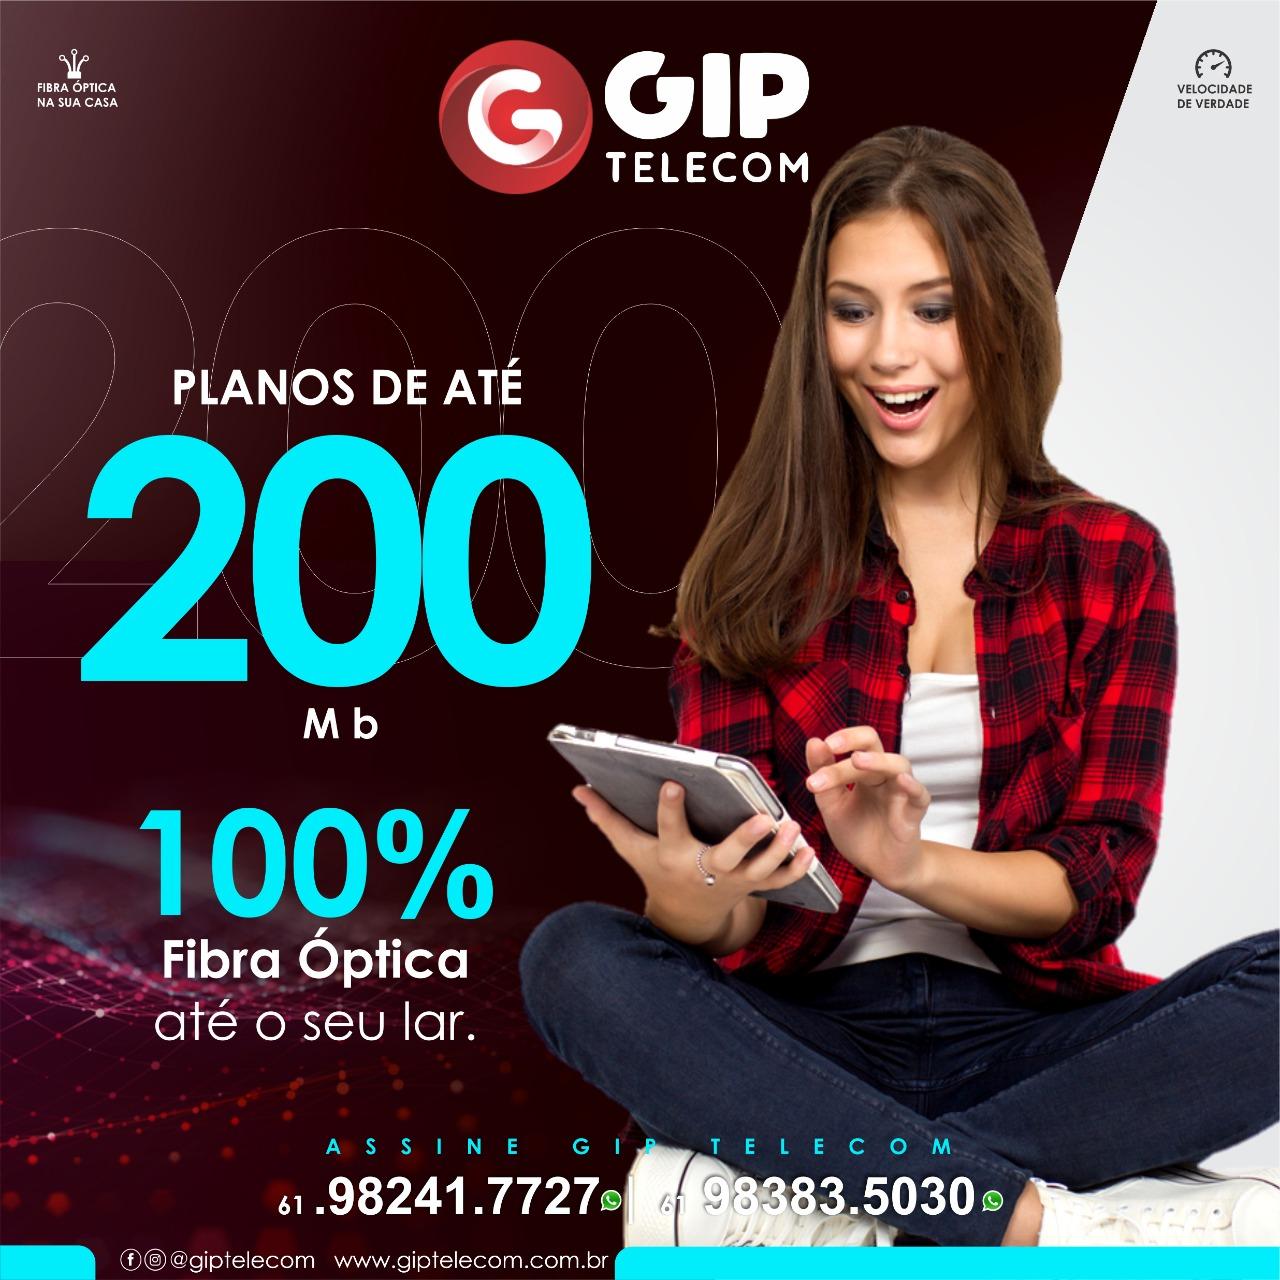 GIP TELECOM